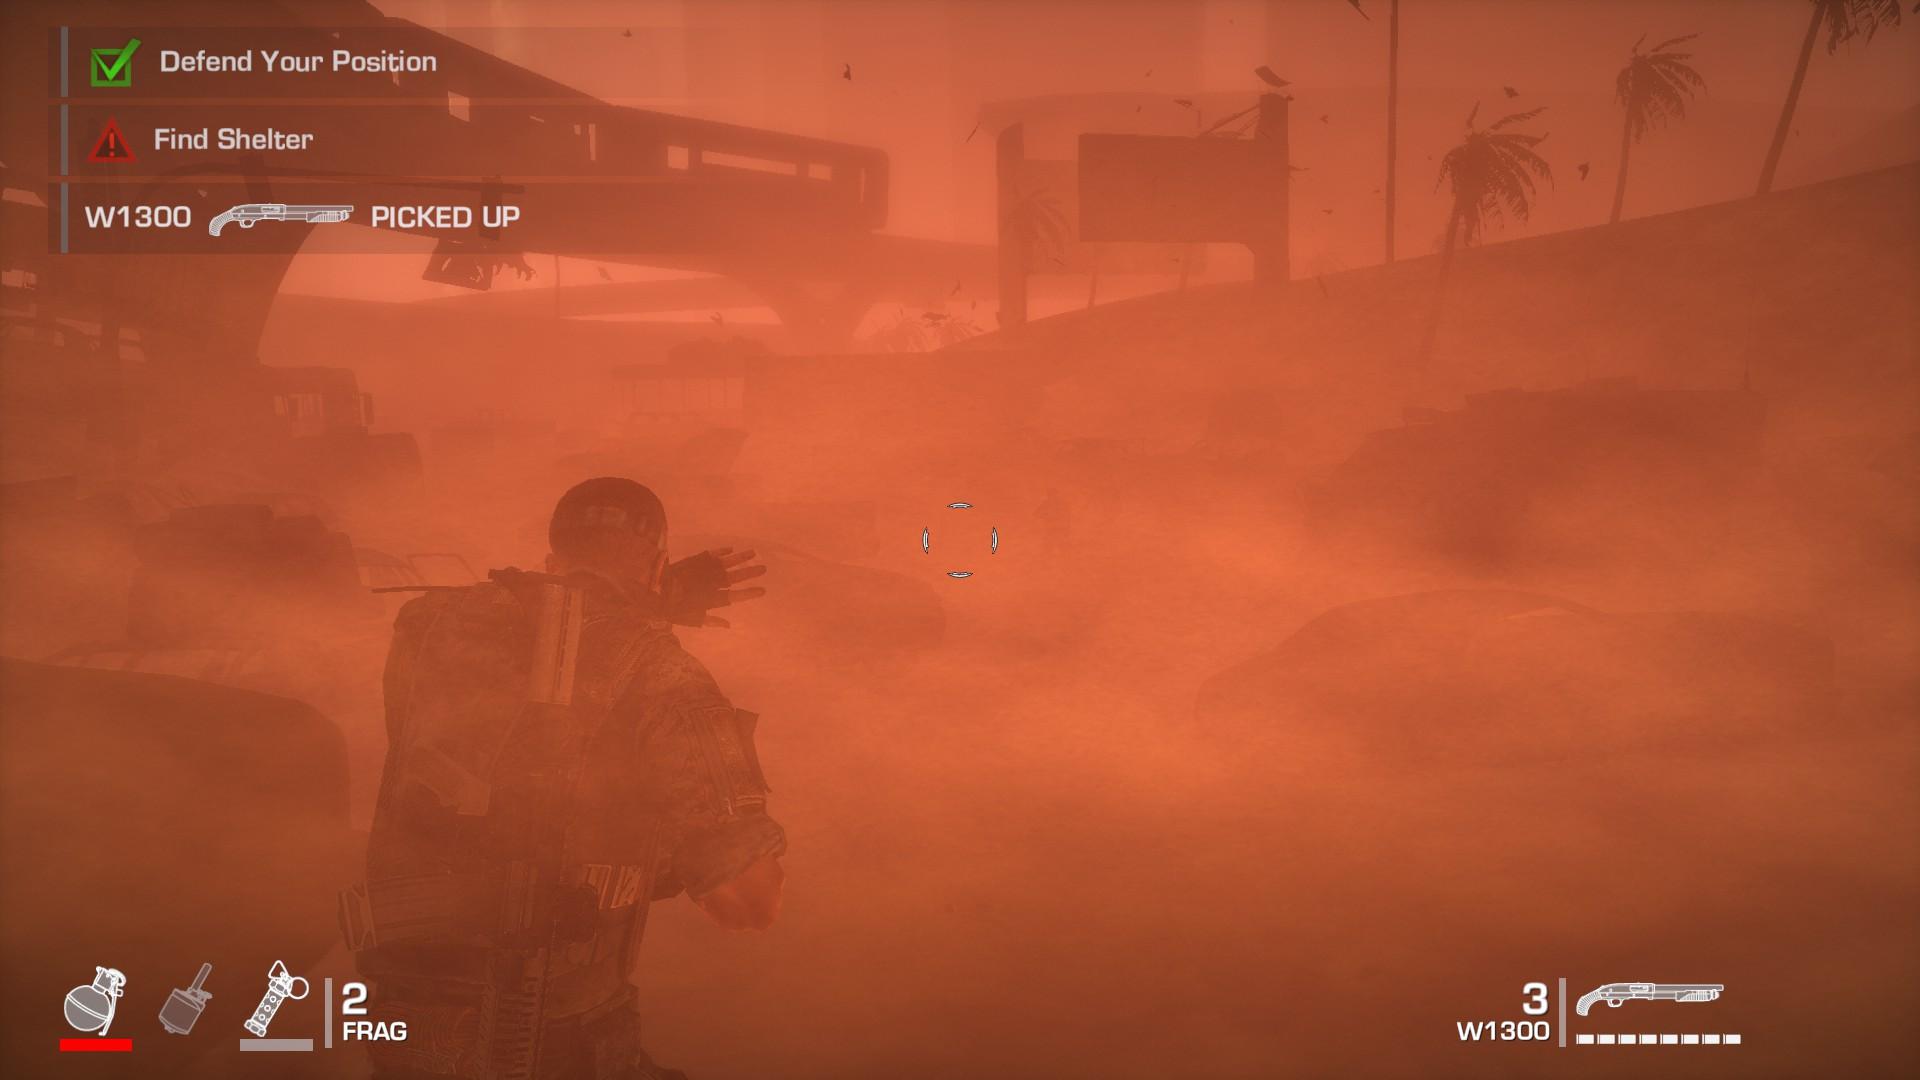 Sandstorm_gamechanger